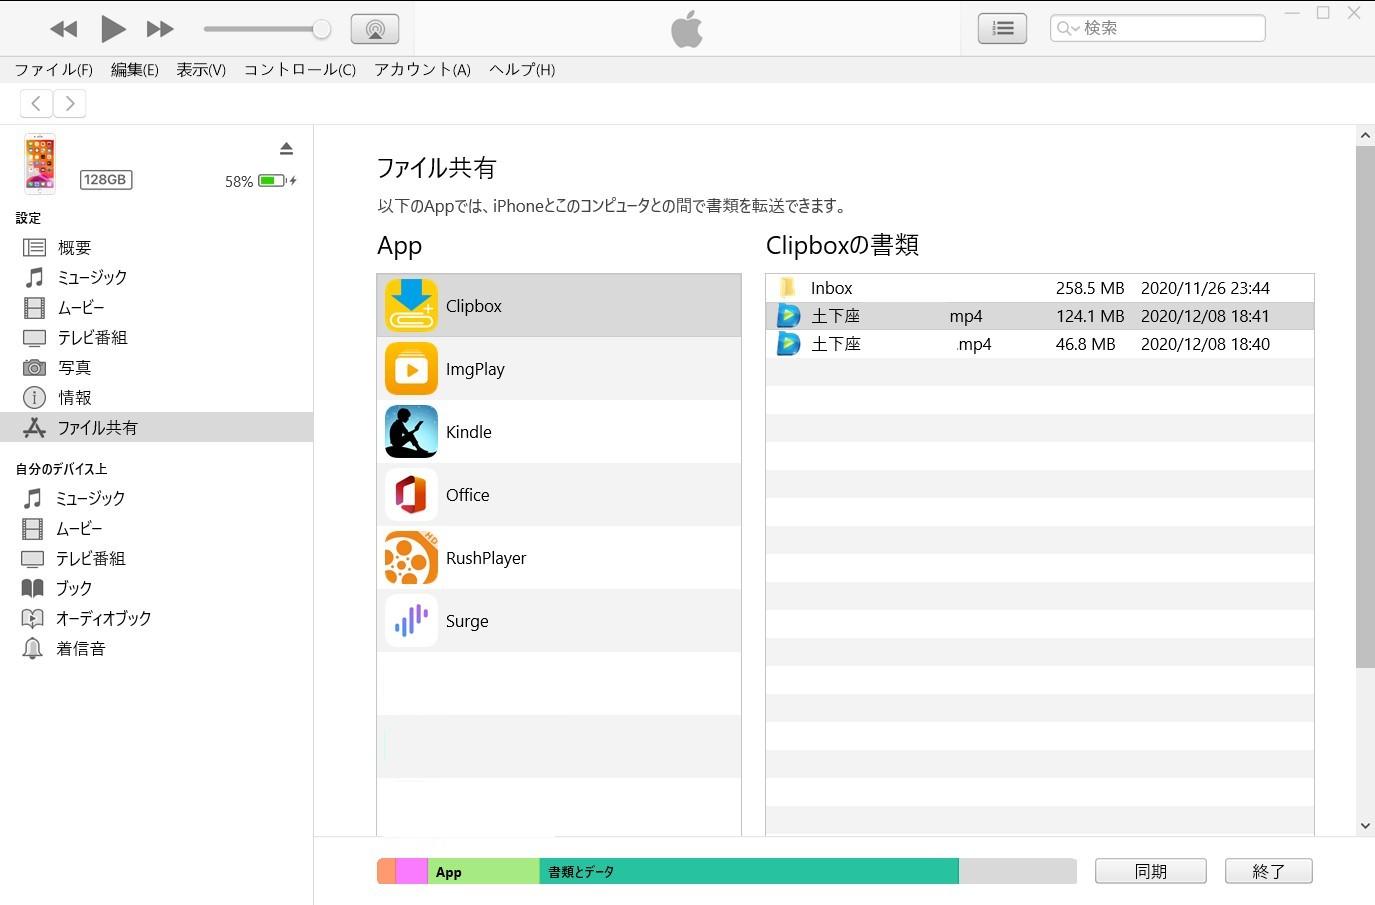 iTunes 動画 カメラロール